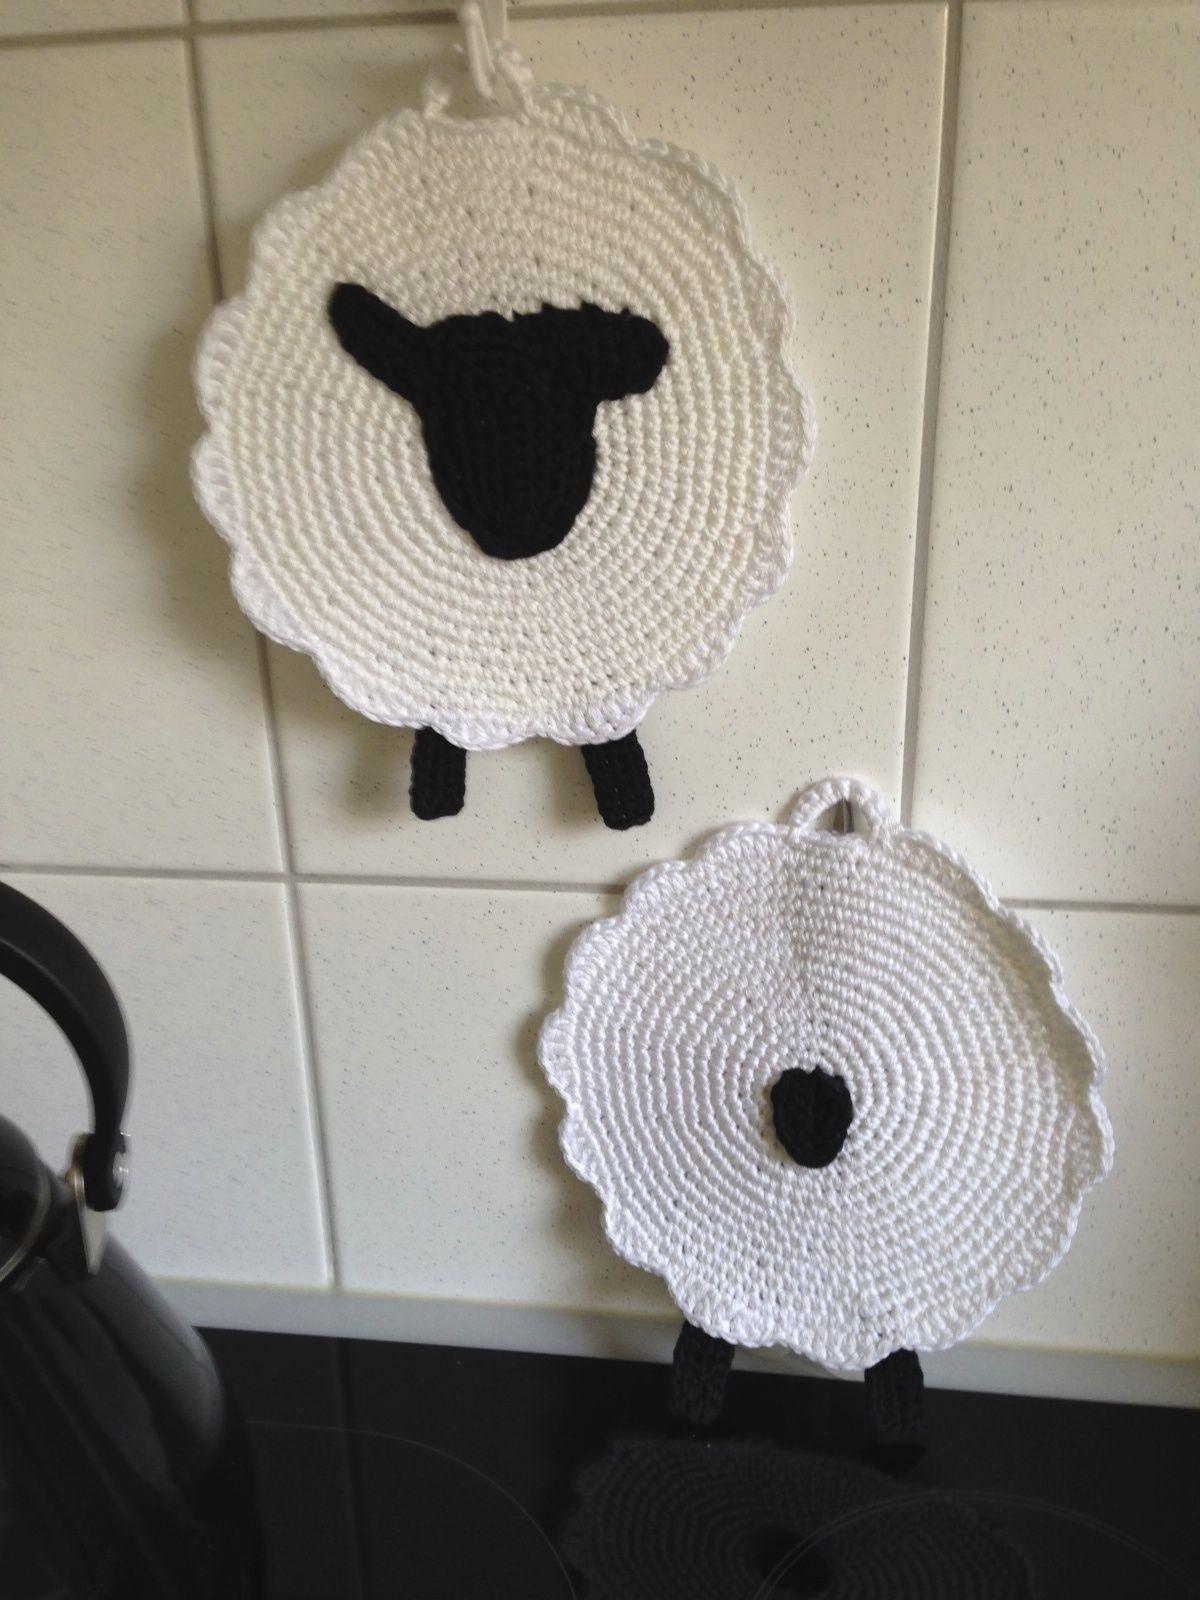 Topflappen.....Sheep | Selfmade | Pinterest | Topflappen, Häkeln und ...